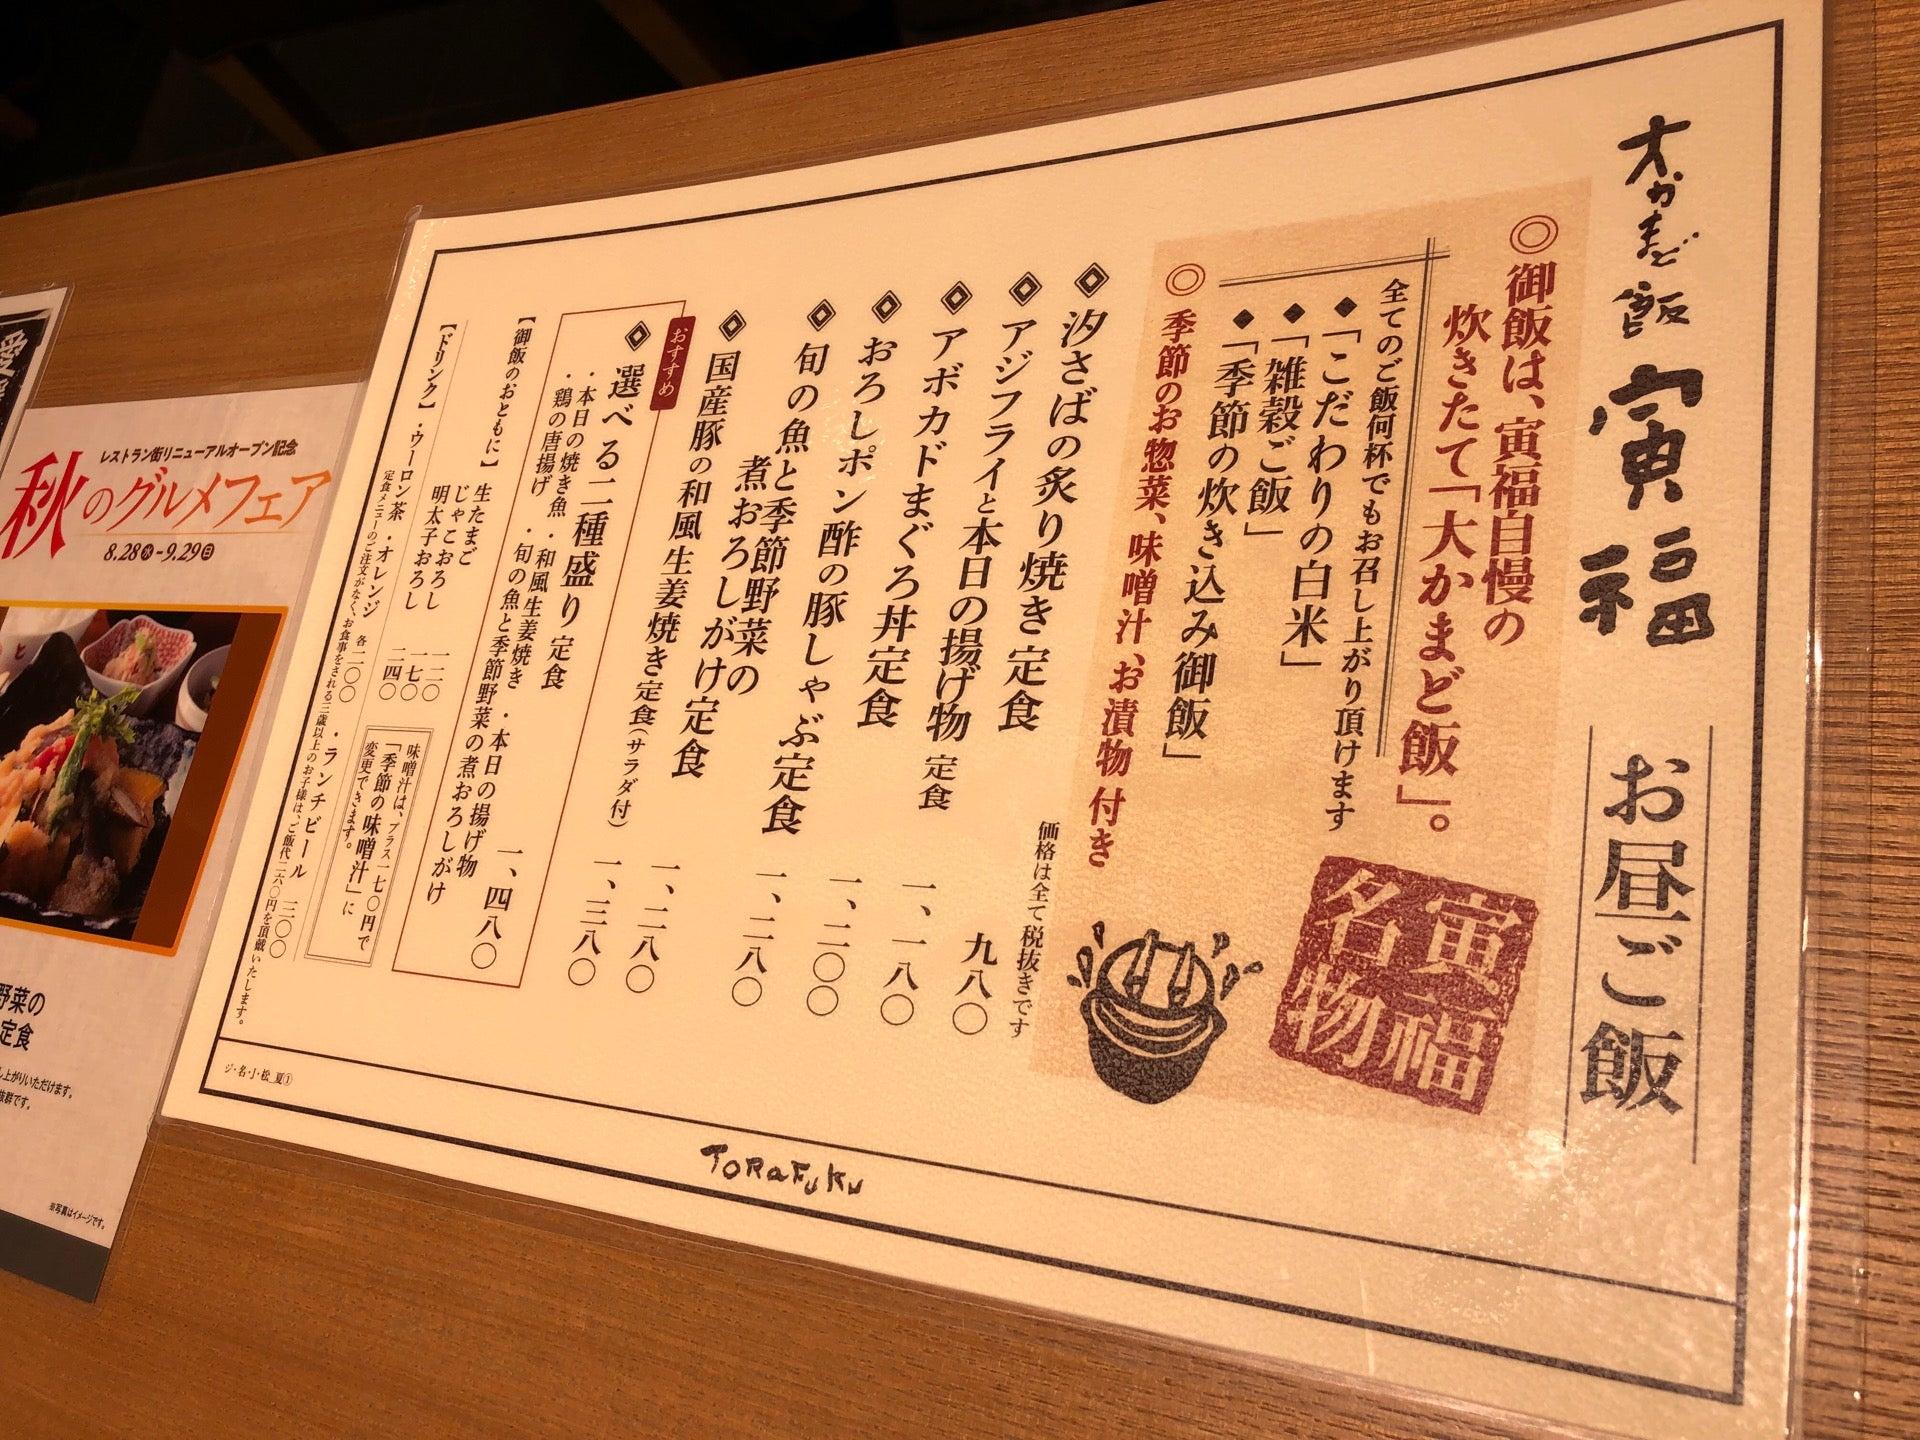 11時オープンなのにもう満席。ランチメニュー。 (@ 大かまど飯 寅福 in 名古屋市, 愛知県) https://t.co/ZyR3PTICyt https://t.co/ICYI45s6h8